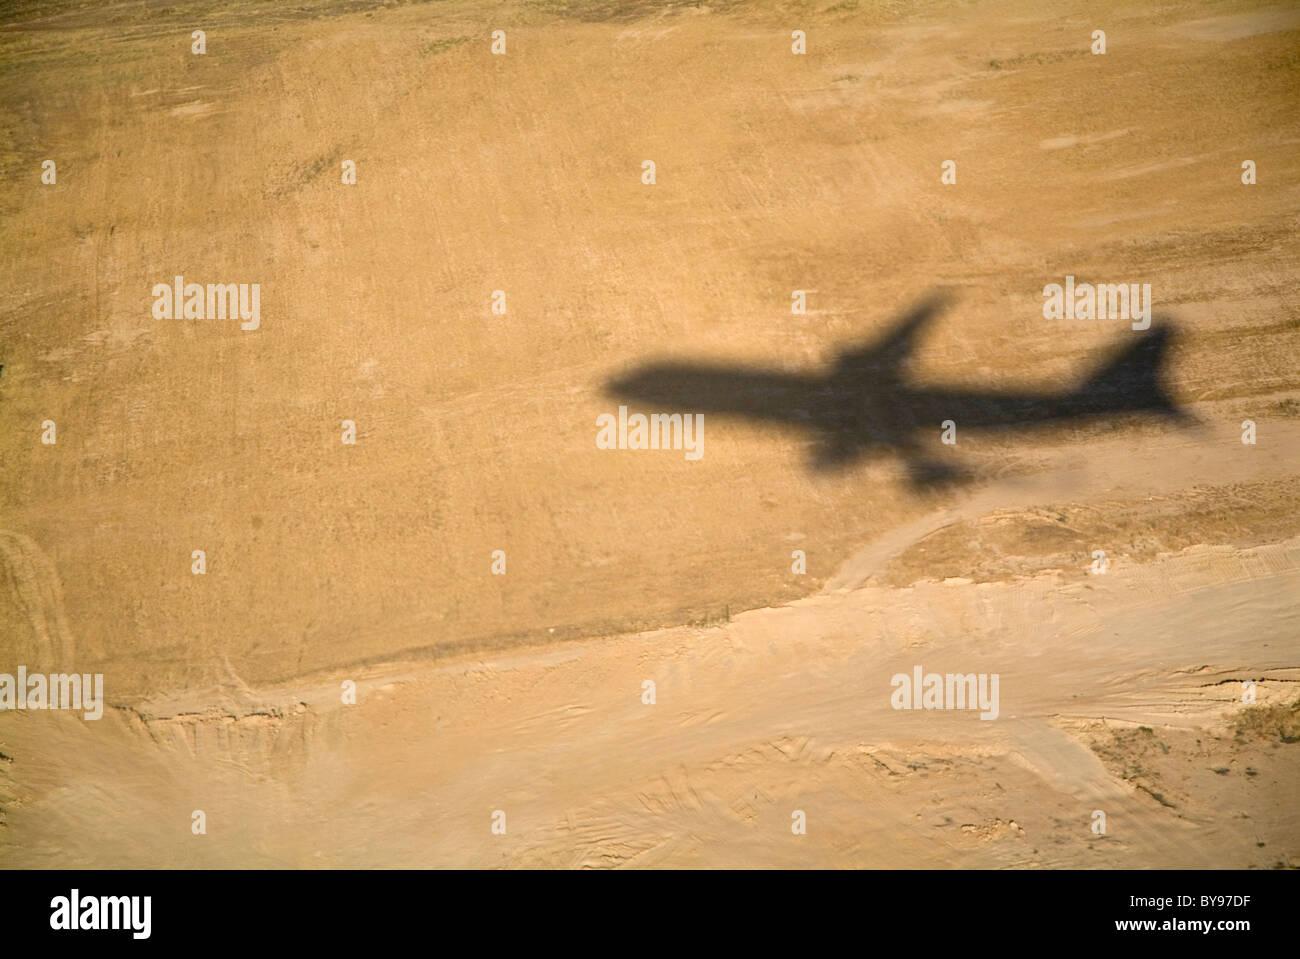 Sombra de un vuelo de avión despegando Imagen De Stock